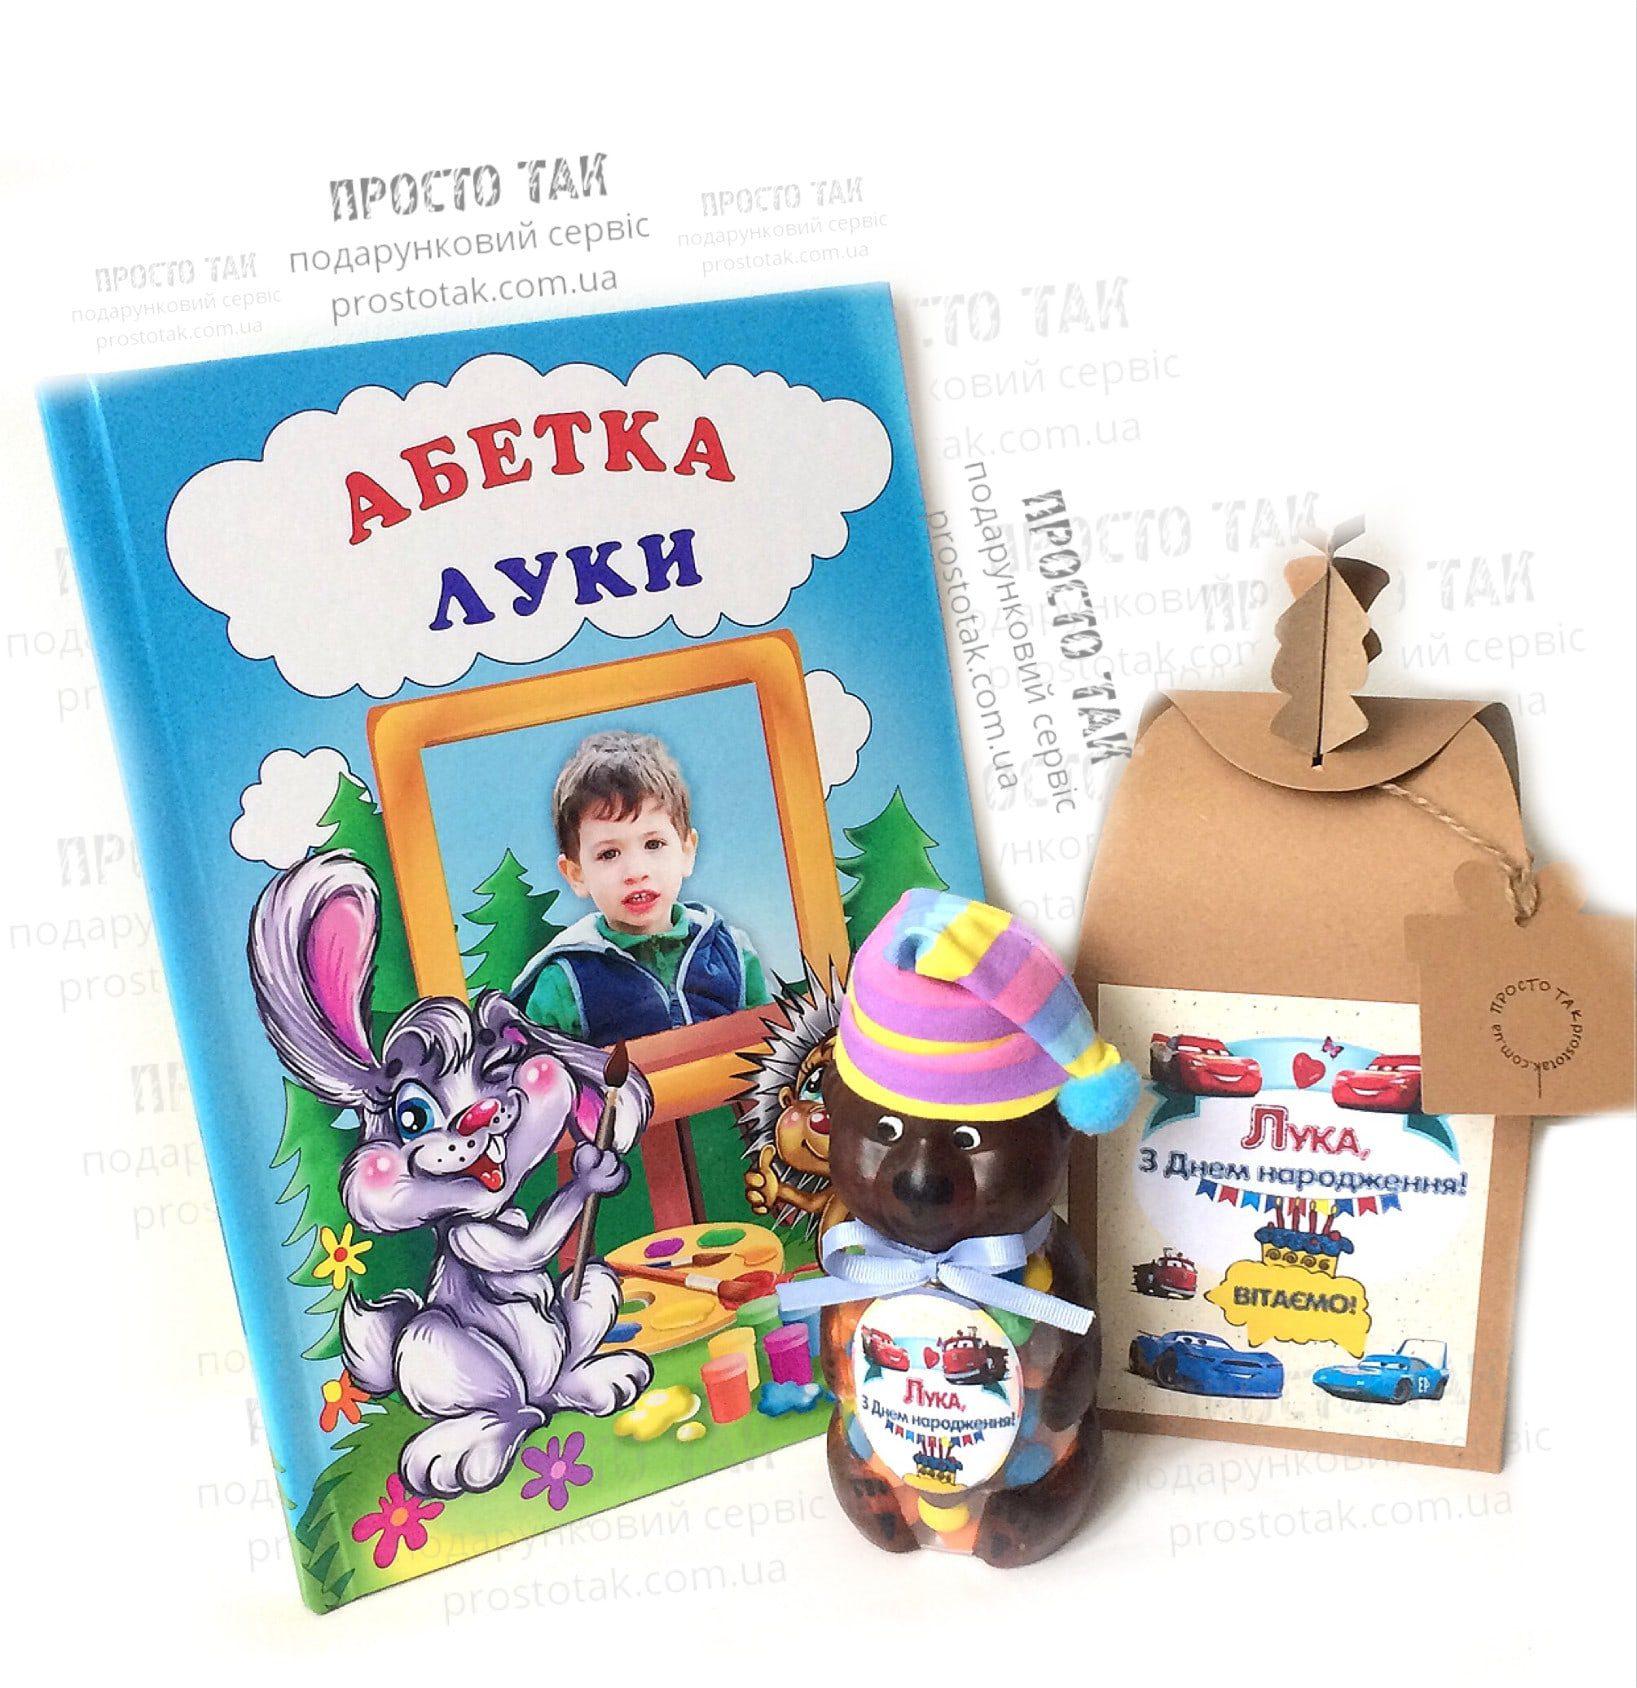 Іменний подарунковий набір дитині ⋆ ПРОСТО ТАК 726d651f524da